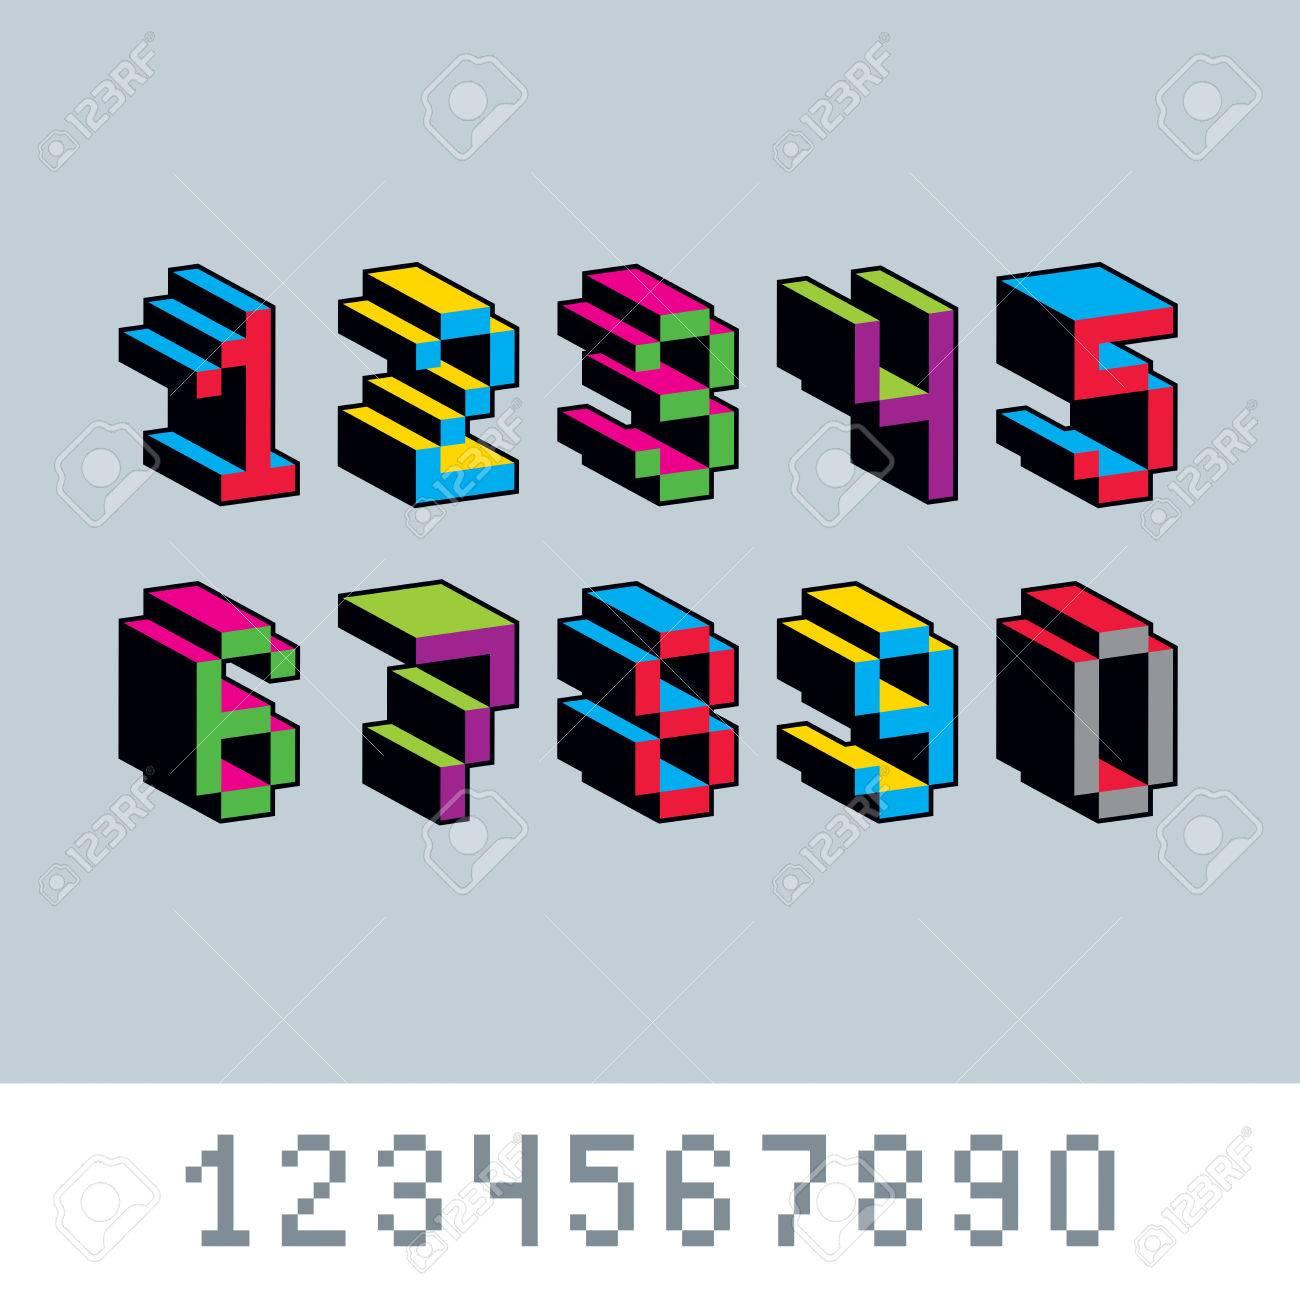 Kybernetische 3d Zahlen, Pixel-Kunst-Vektor Numerierung. Pixel ...